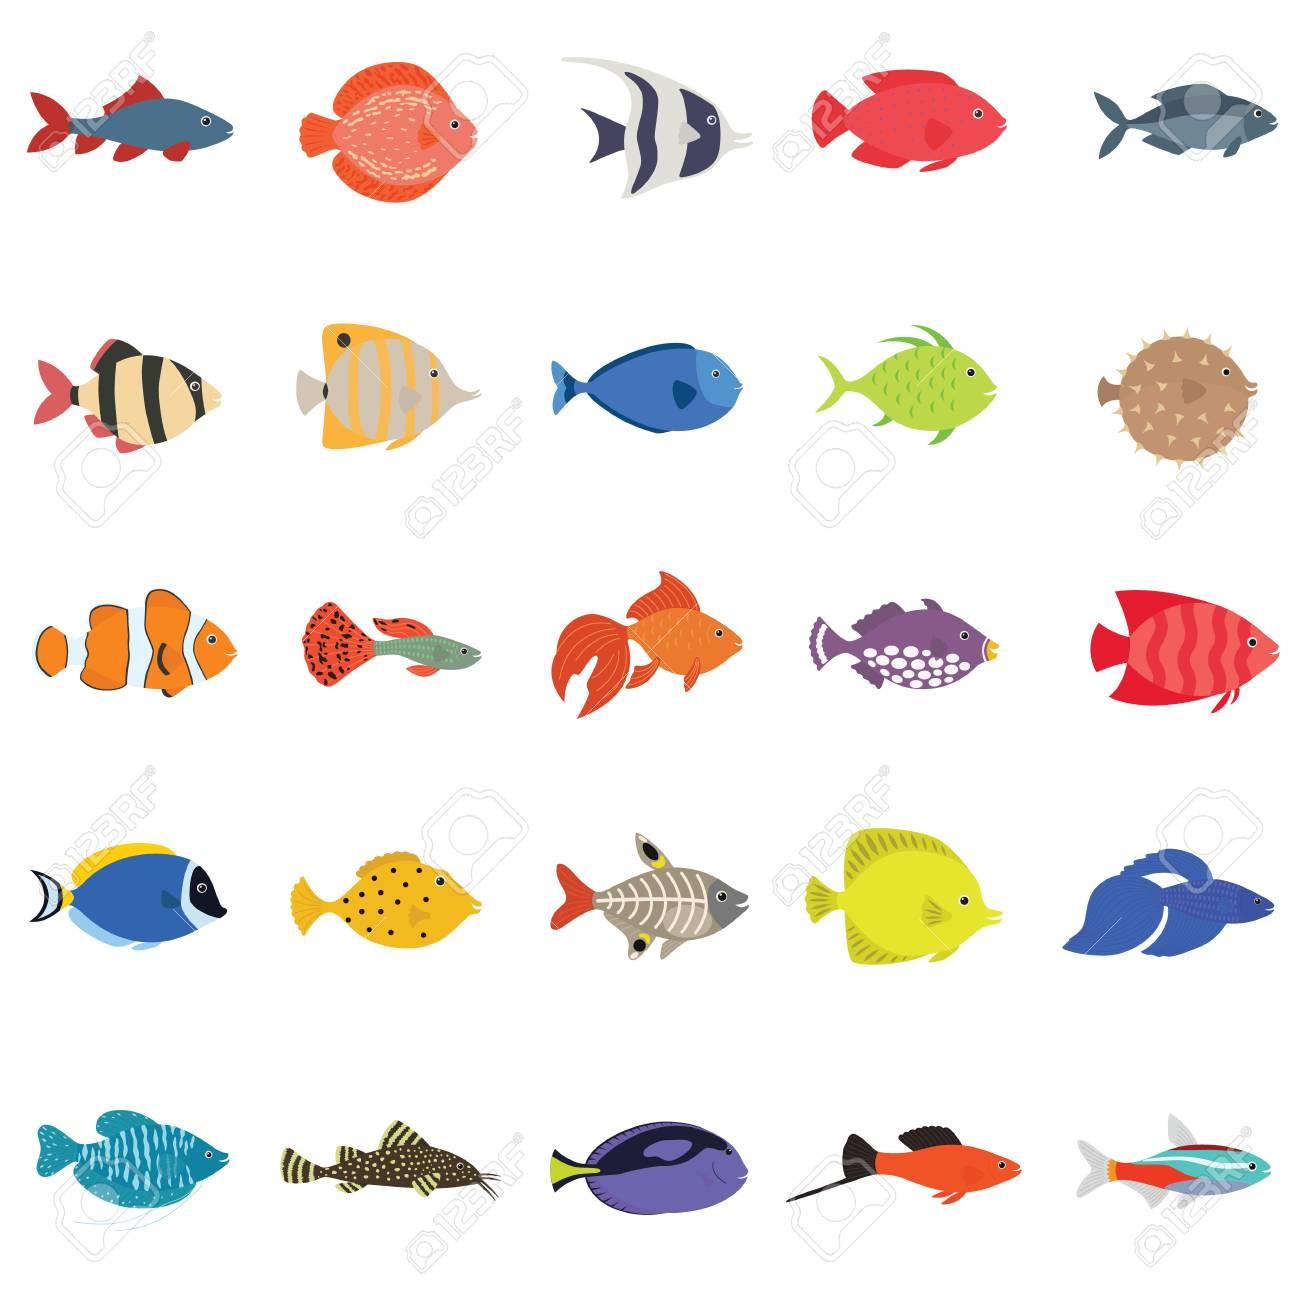 かわいい魚ベクトル イラスト アイコン セット熱帯魚海水魚観賞